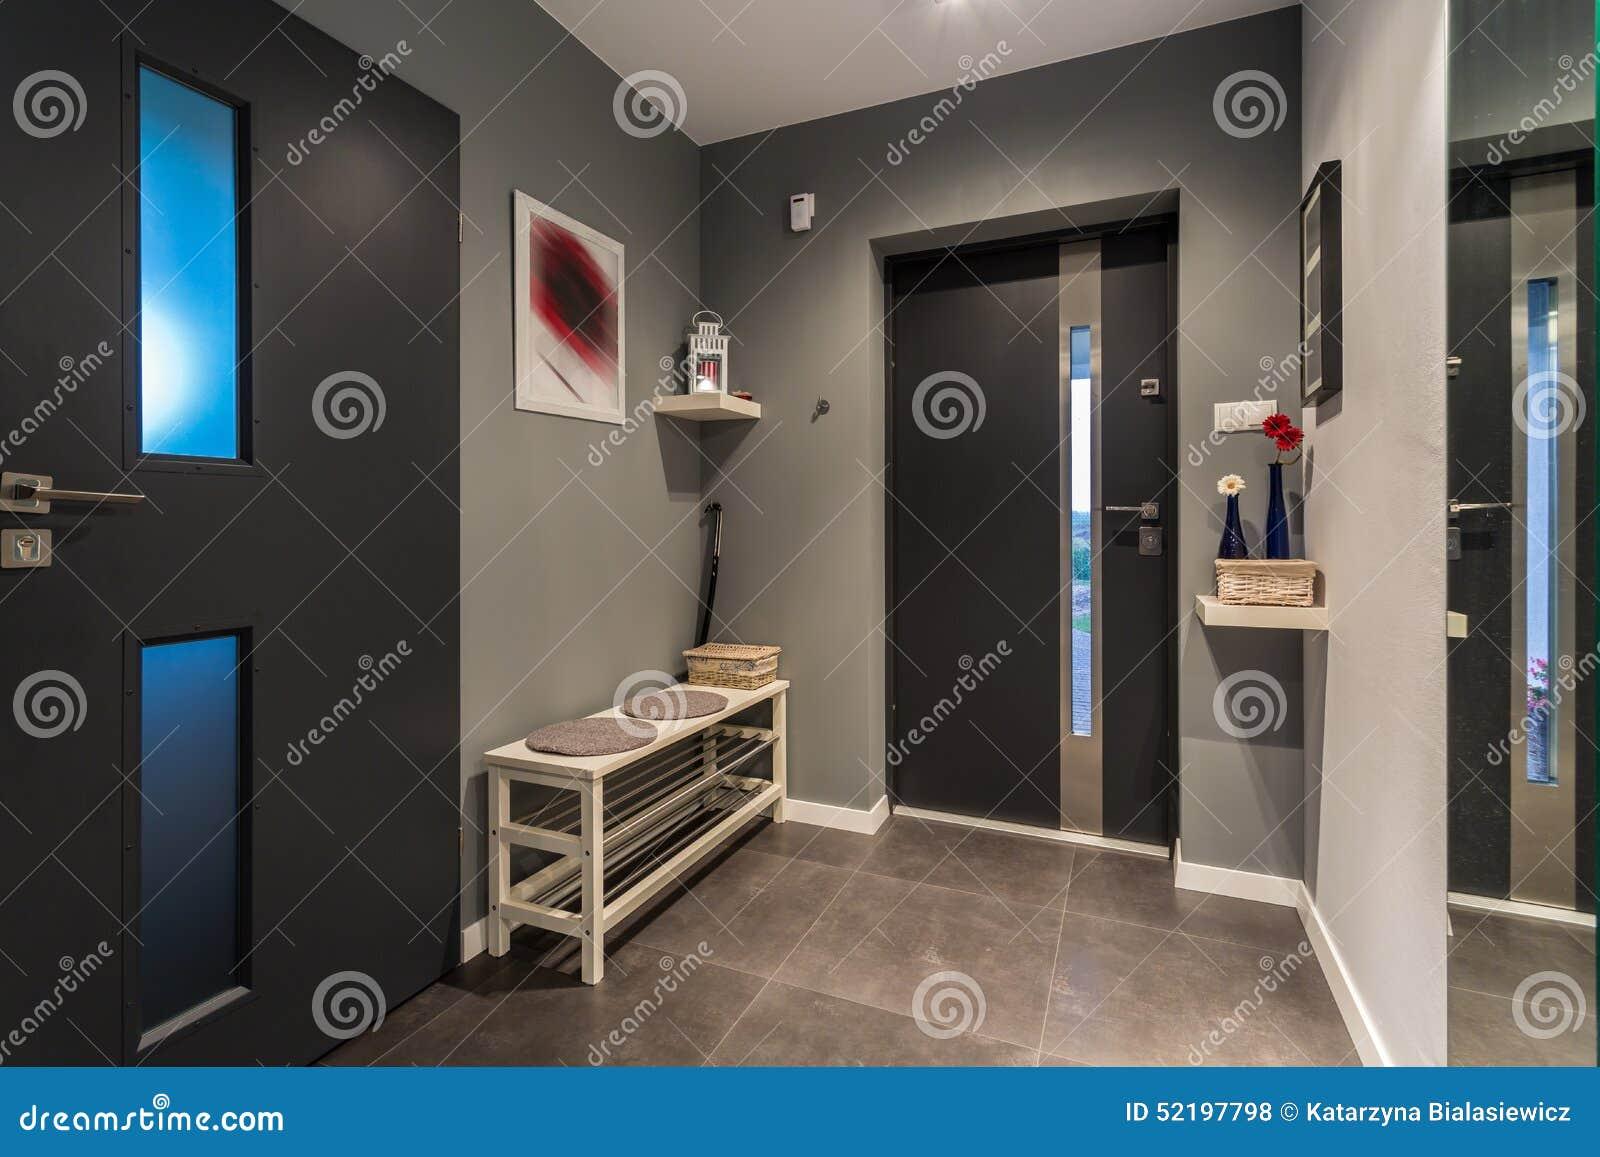 Corridoio grigio accogliente